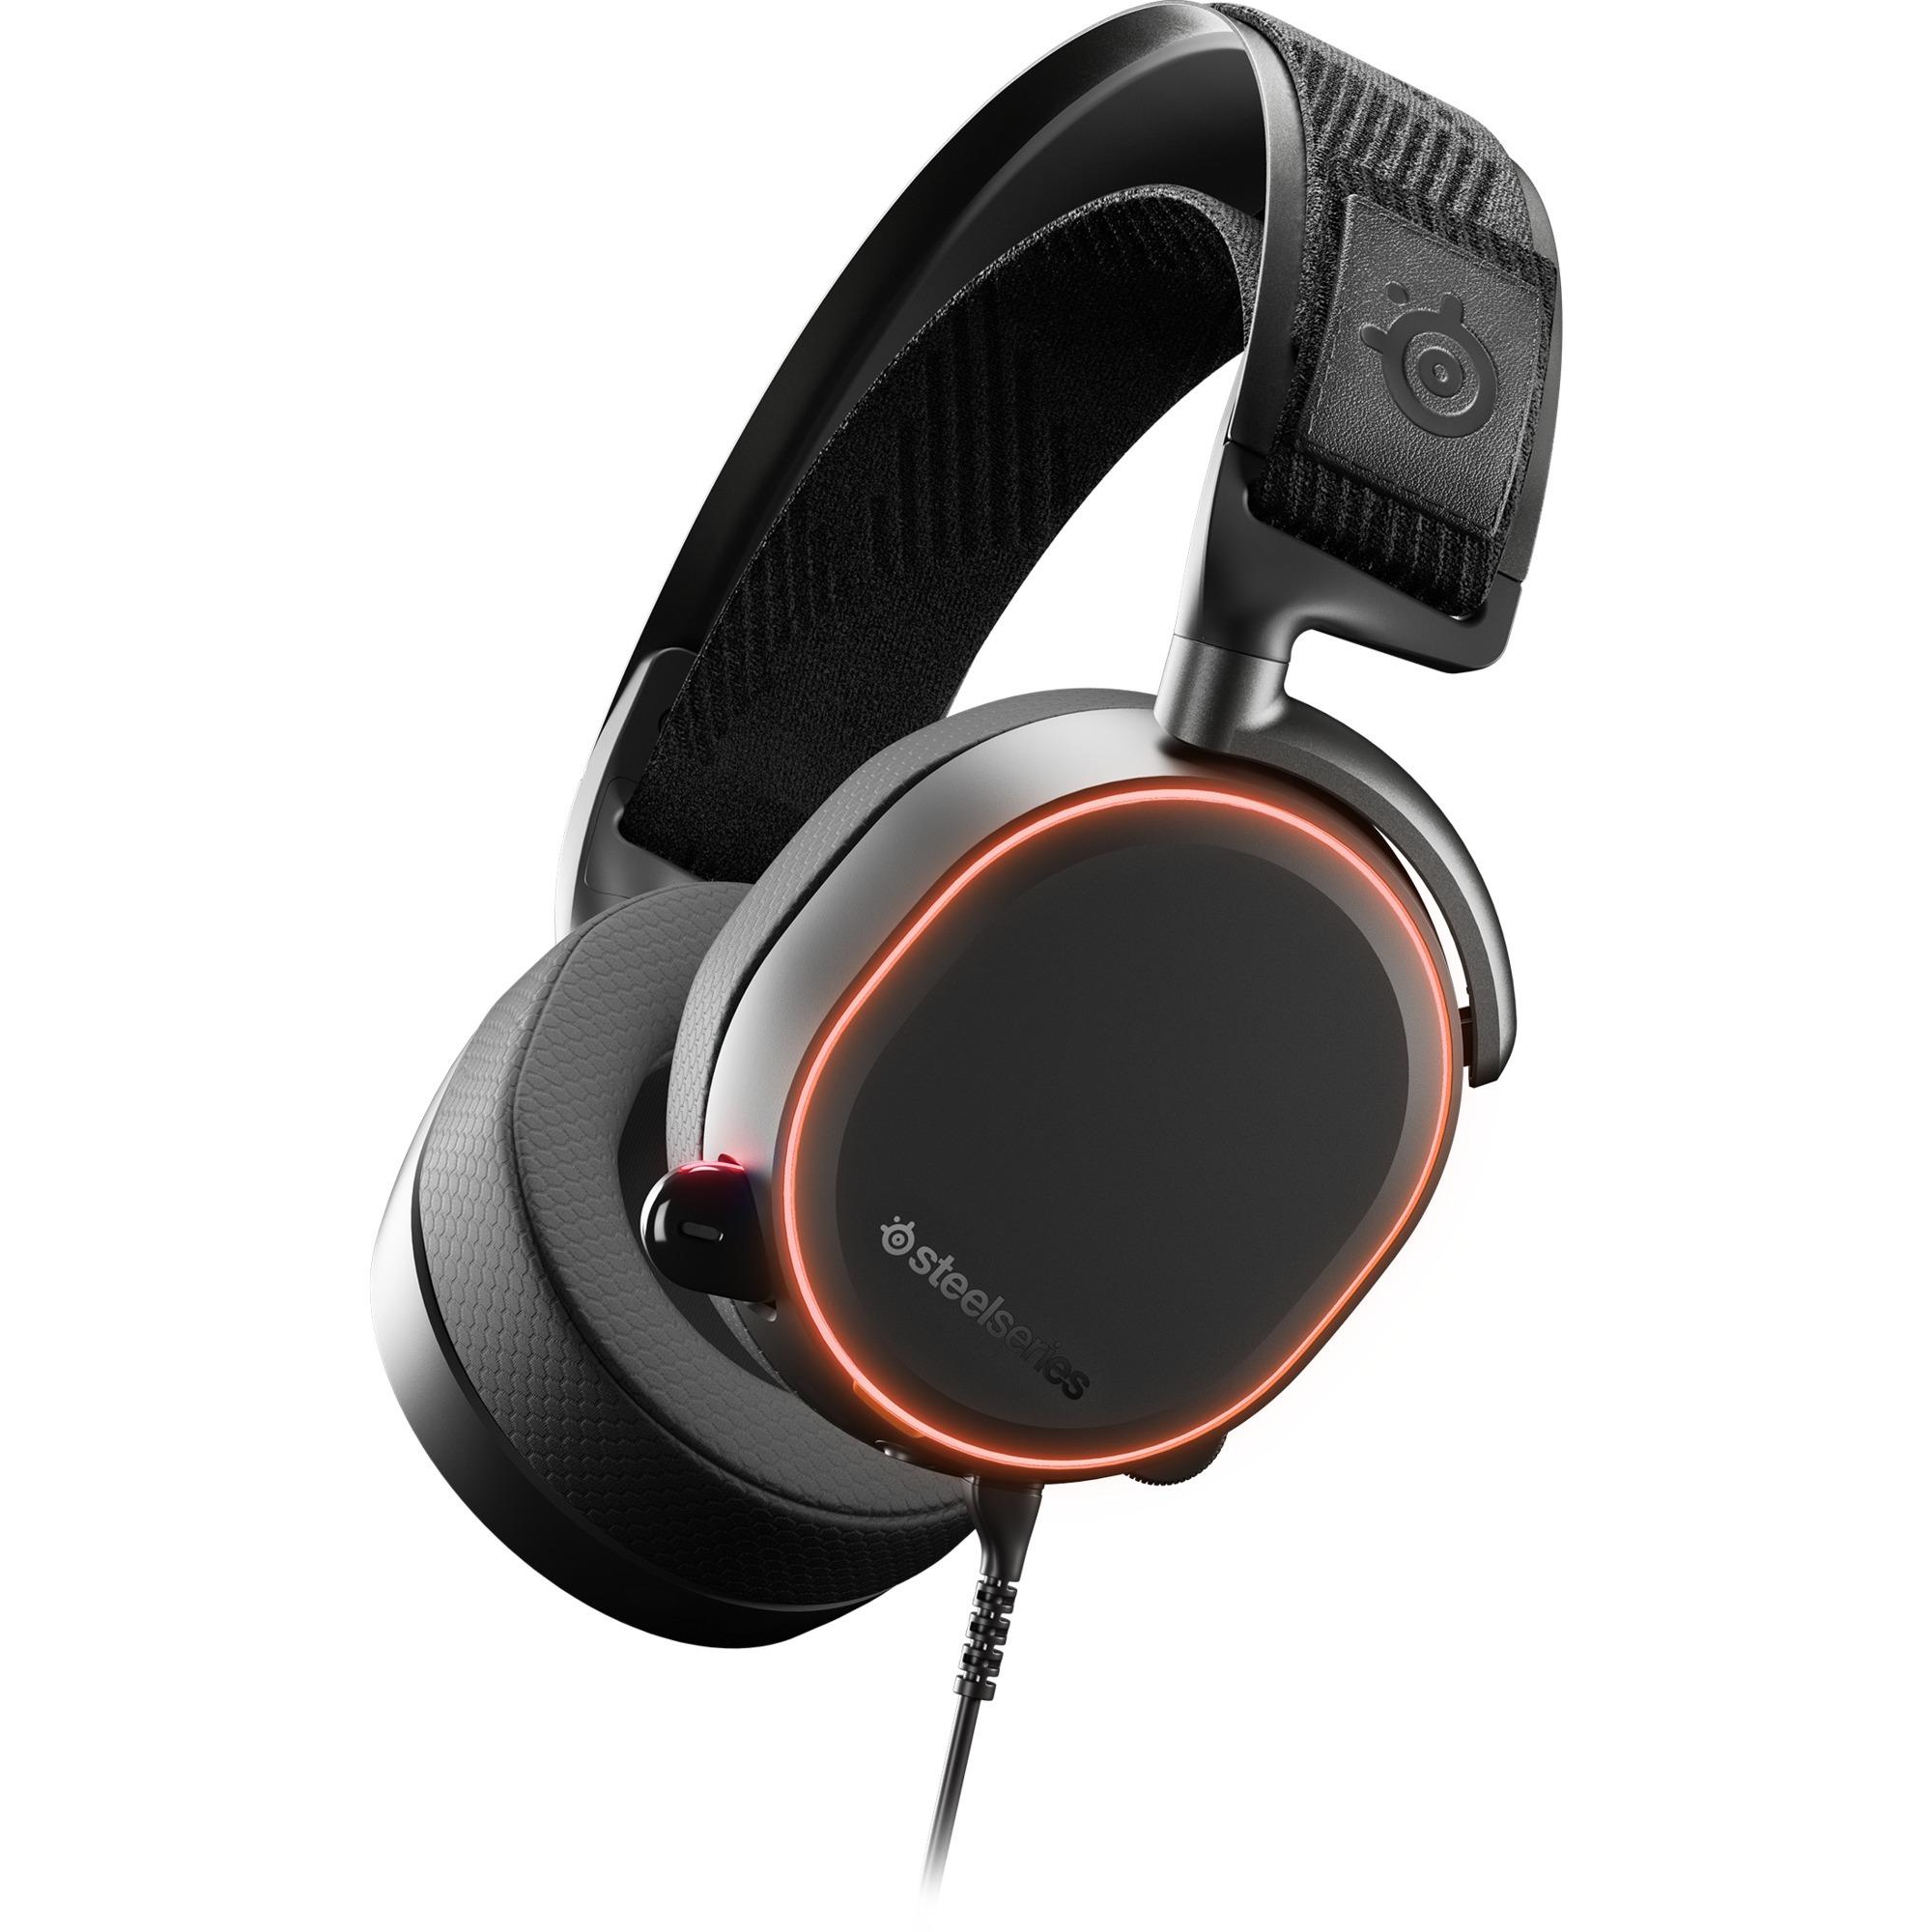 Arctis Pro auricular con micrófono Binaural Diadema Negro, Auriculares con micrófono